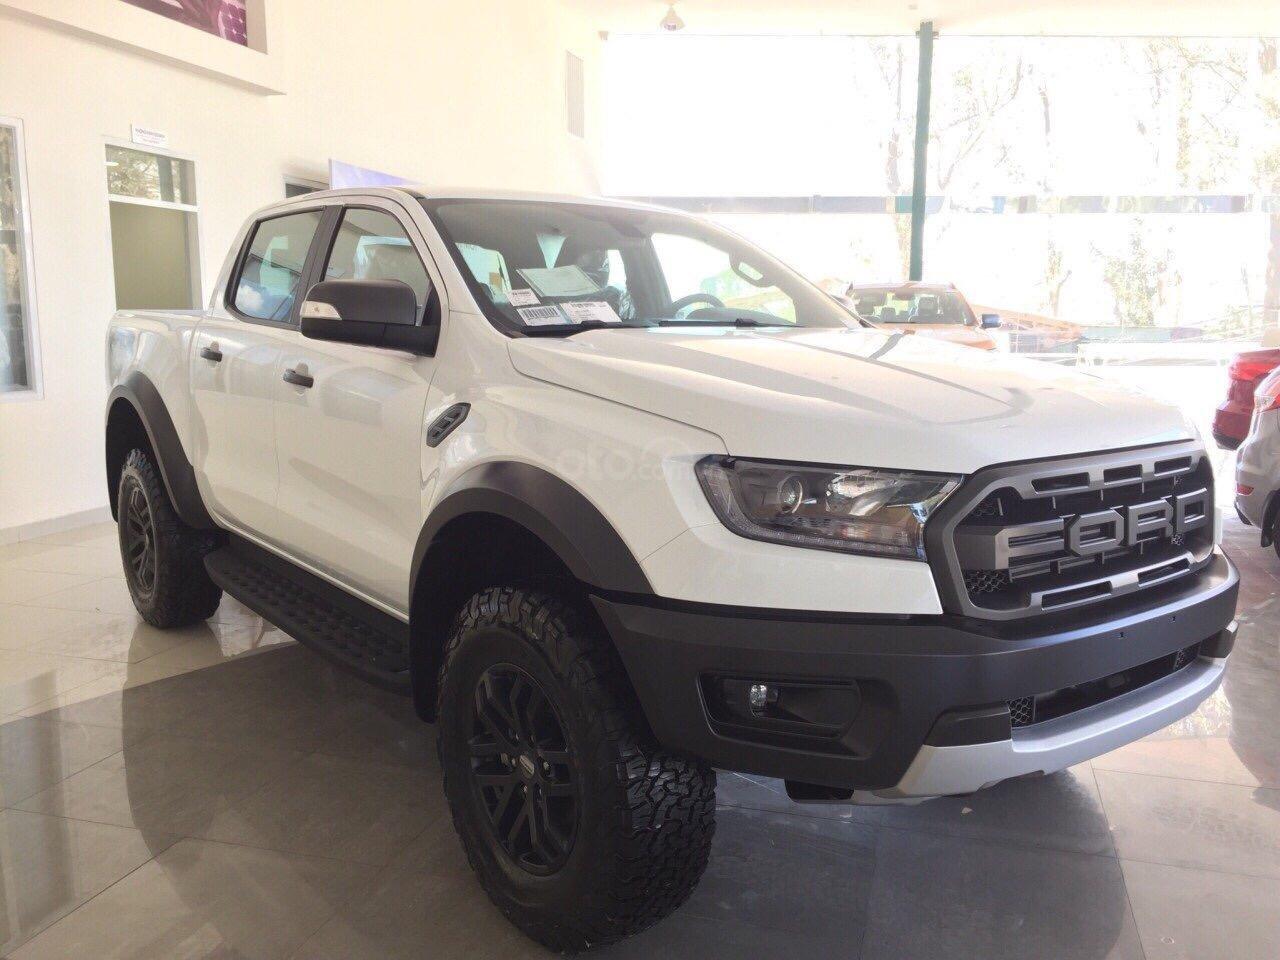 Cần bán xe Ford Ranger Raptor đủ màu, giao xe ngay, hỗ trợ trả góp 80%-6